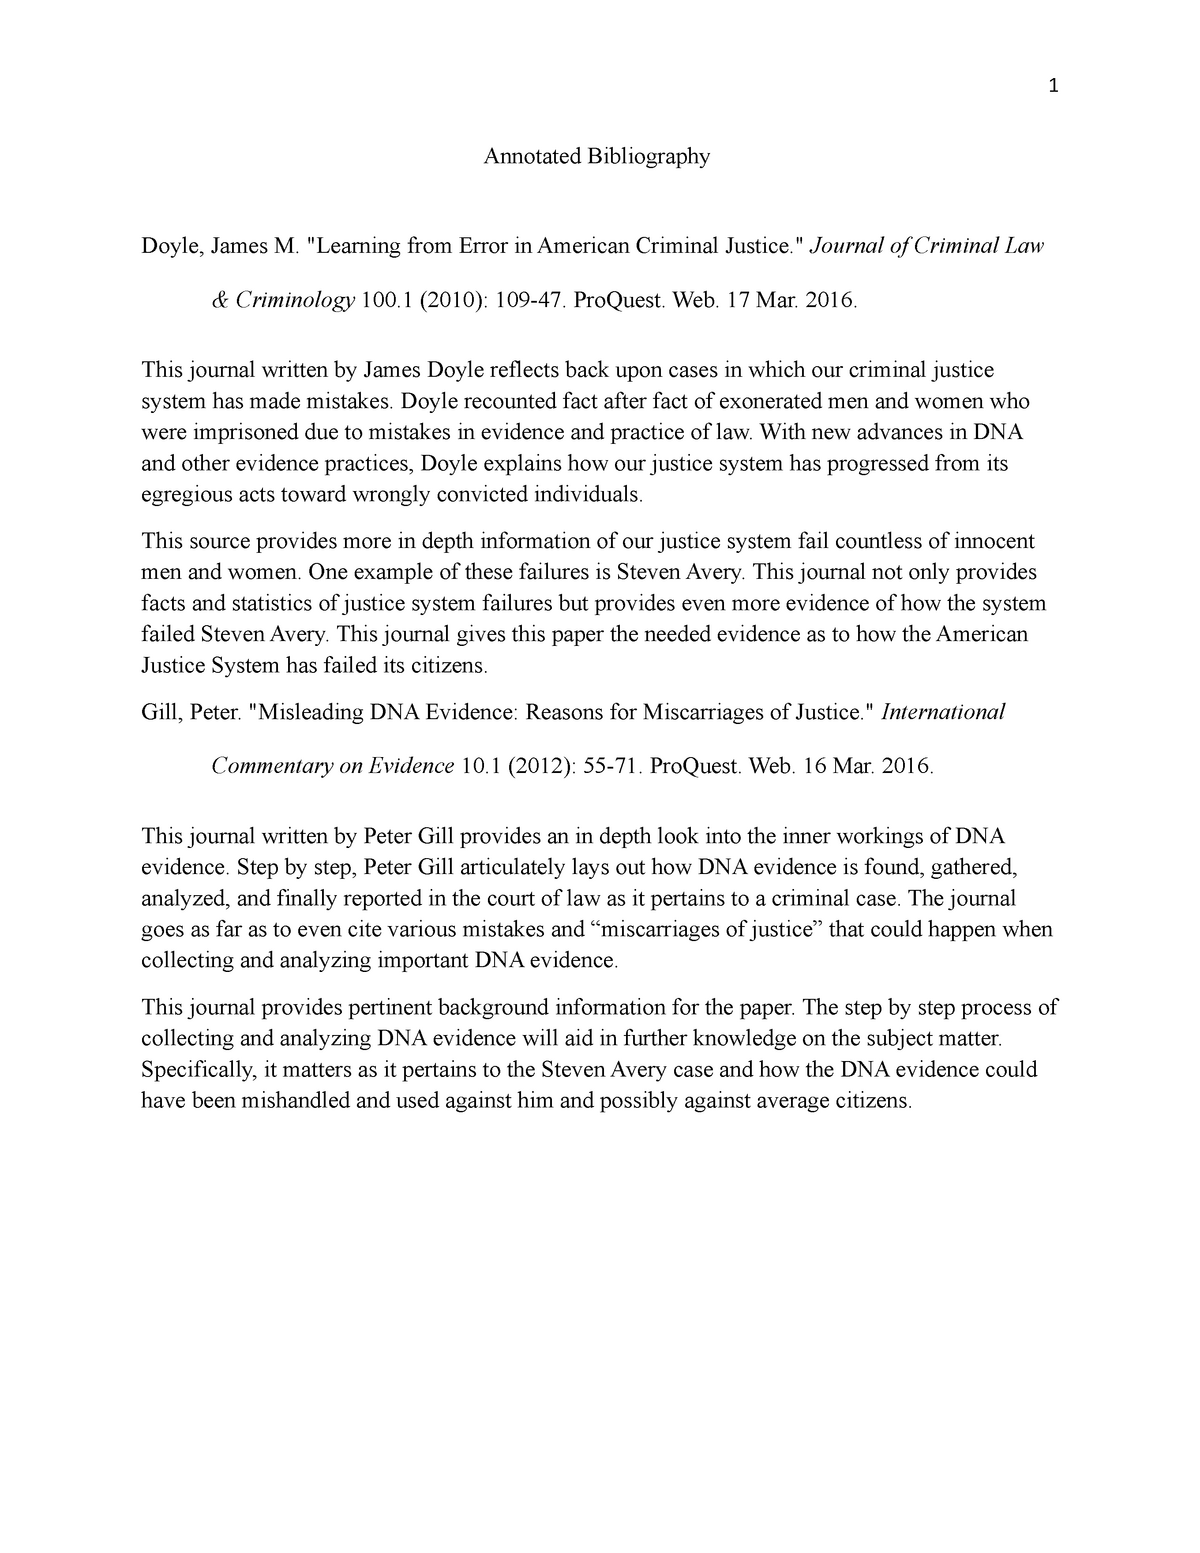 Order criminal law annotated bibliography resume des chapitres de la boite a merveille